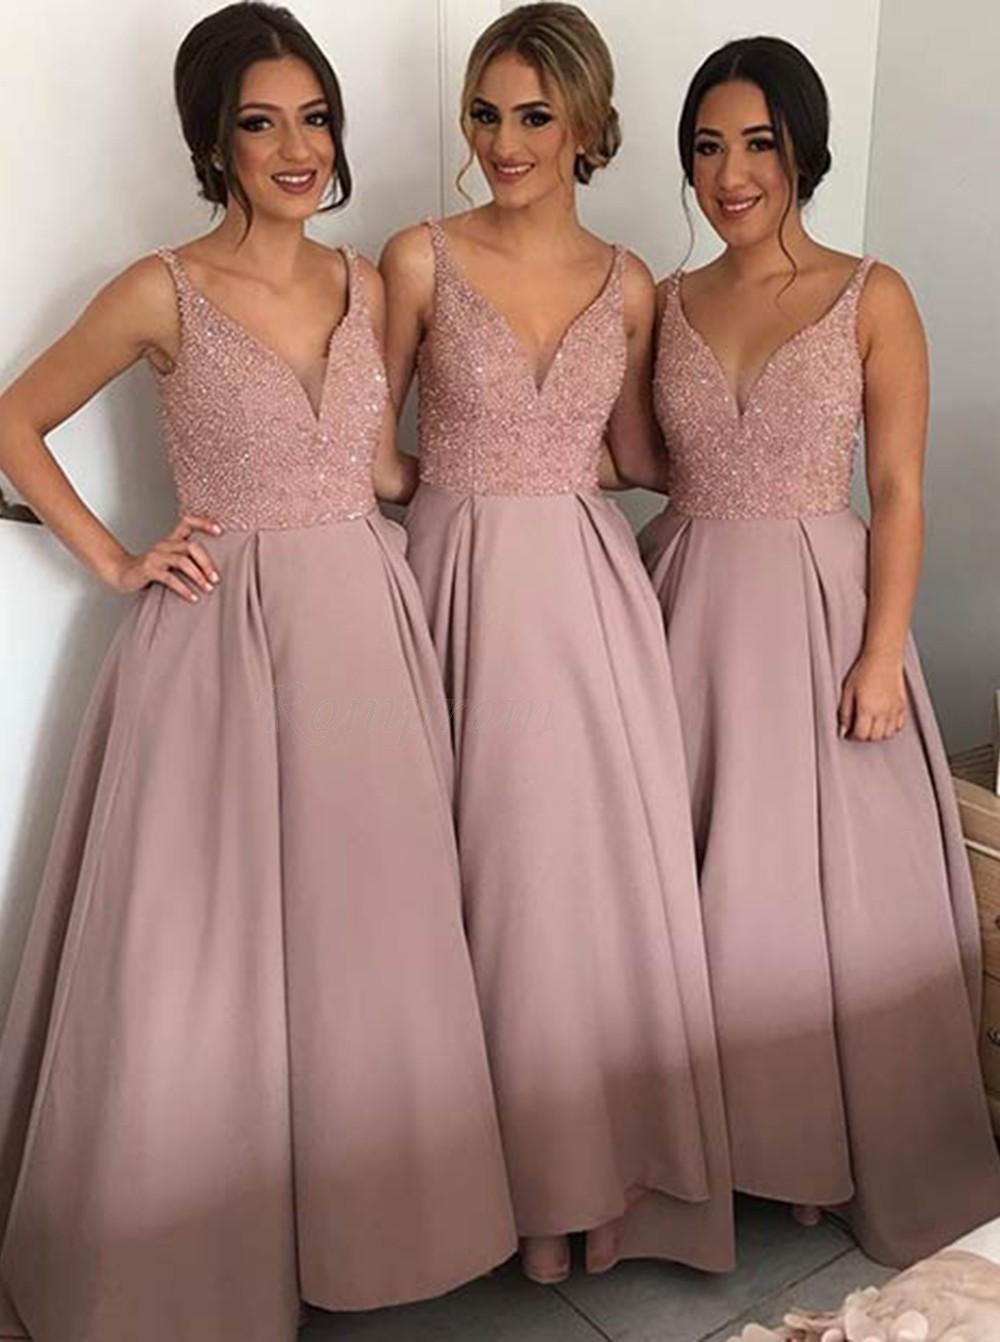 a2742bfa968 Silver Bridesmaid Dresses Sequin